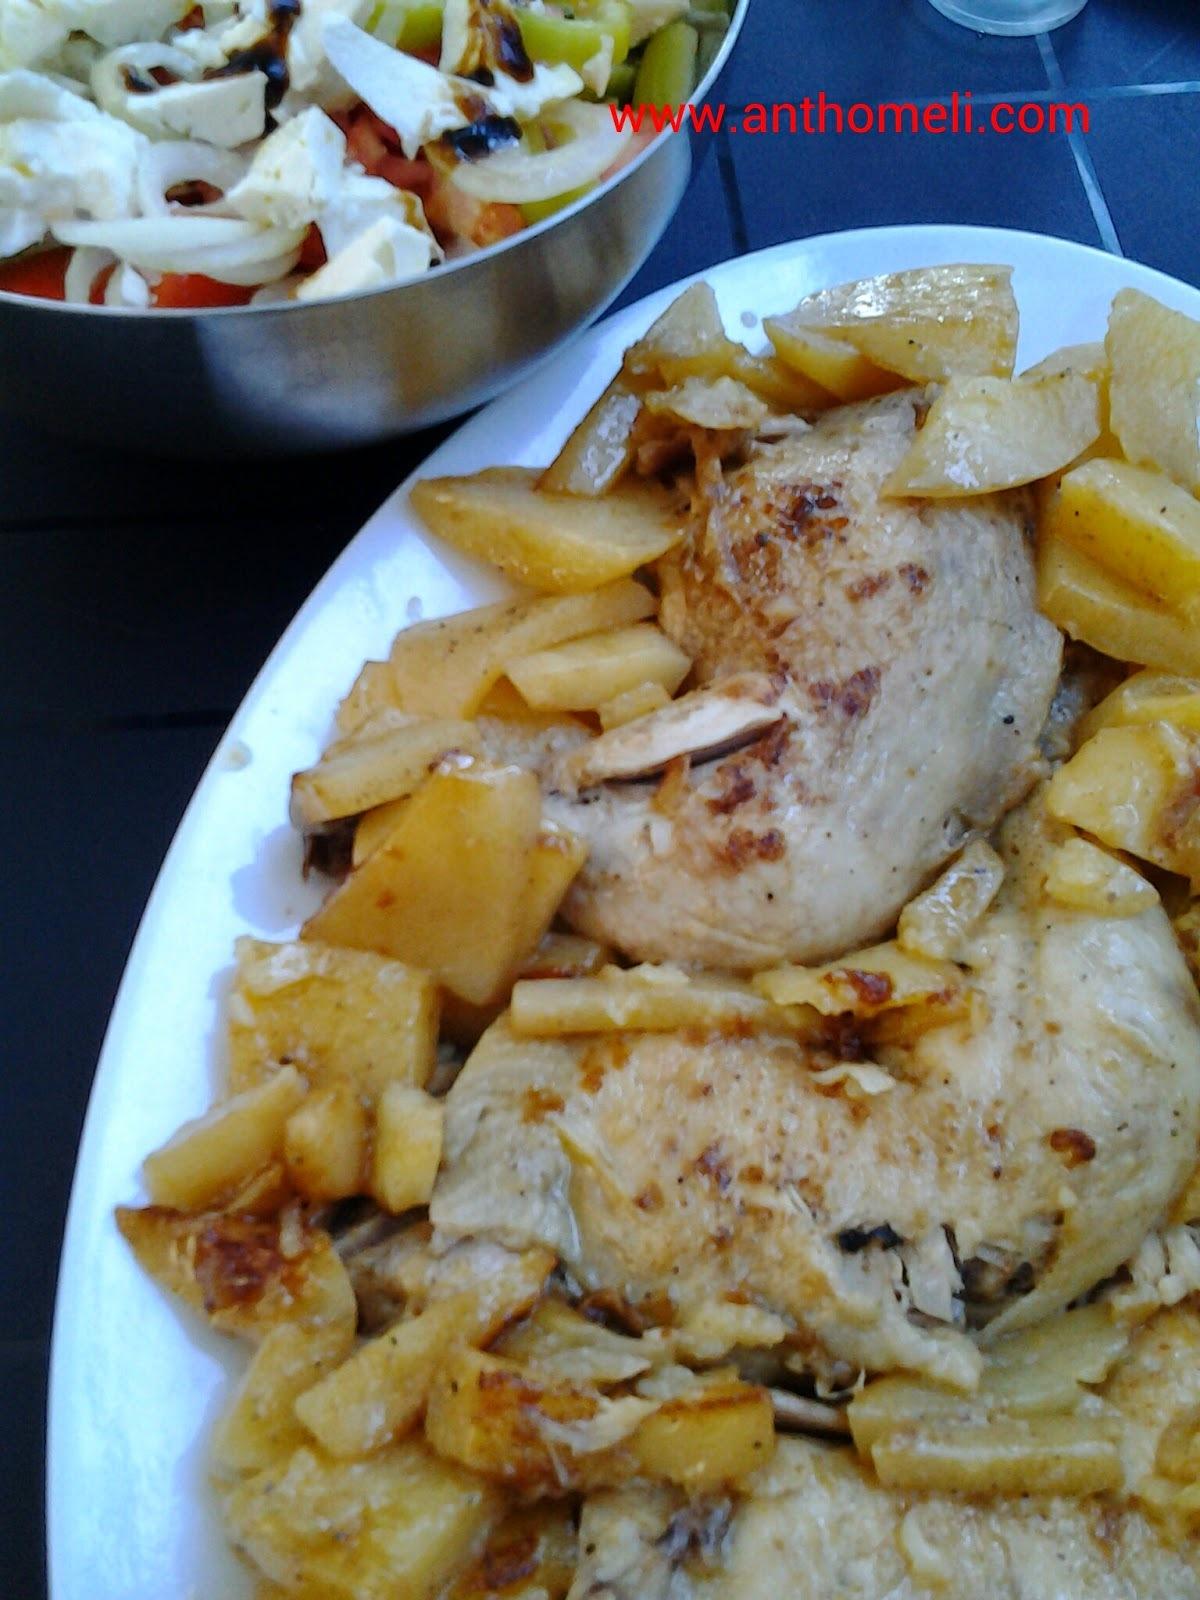 Κοτόπουλο με πατάτες μουσταρδοπορτοκαλολεμονάτα στον φούρνο ή στο τεπανγιάκι!